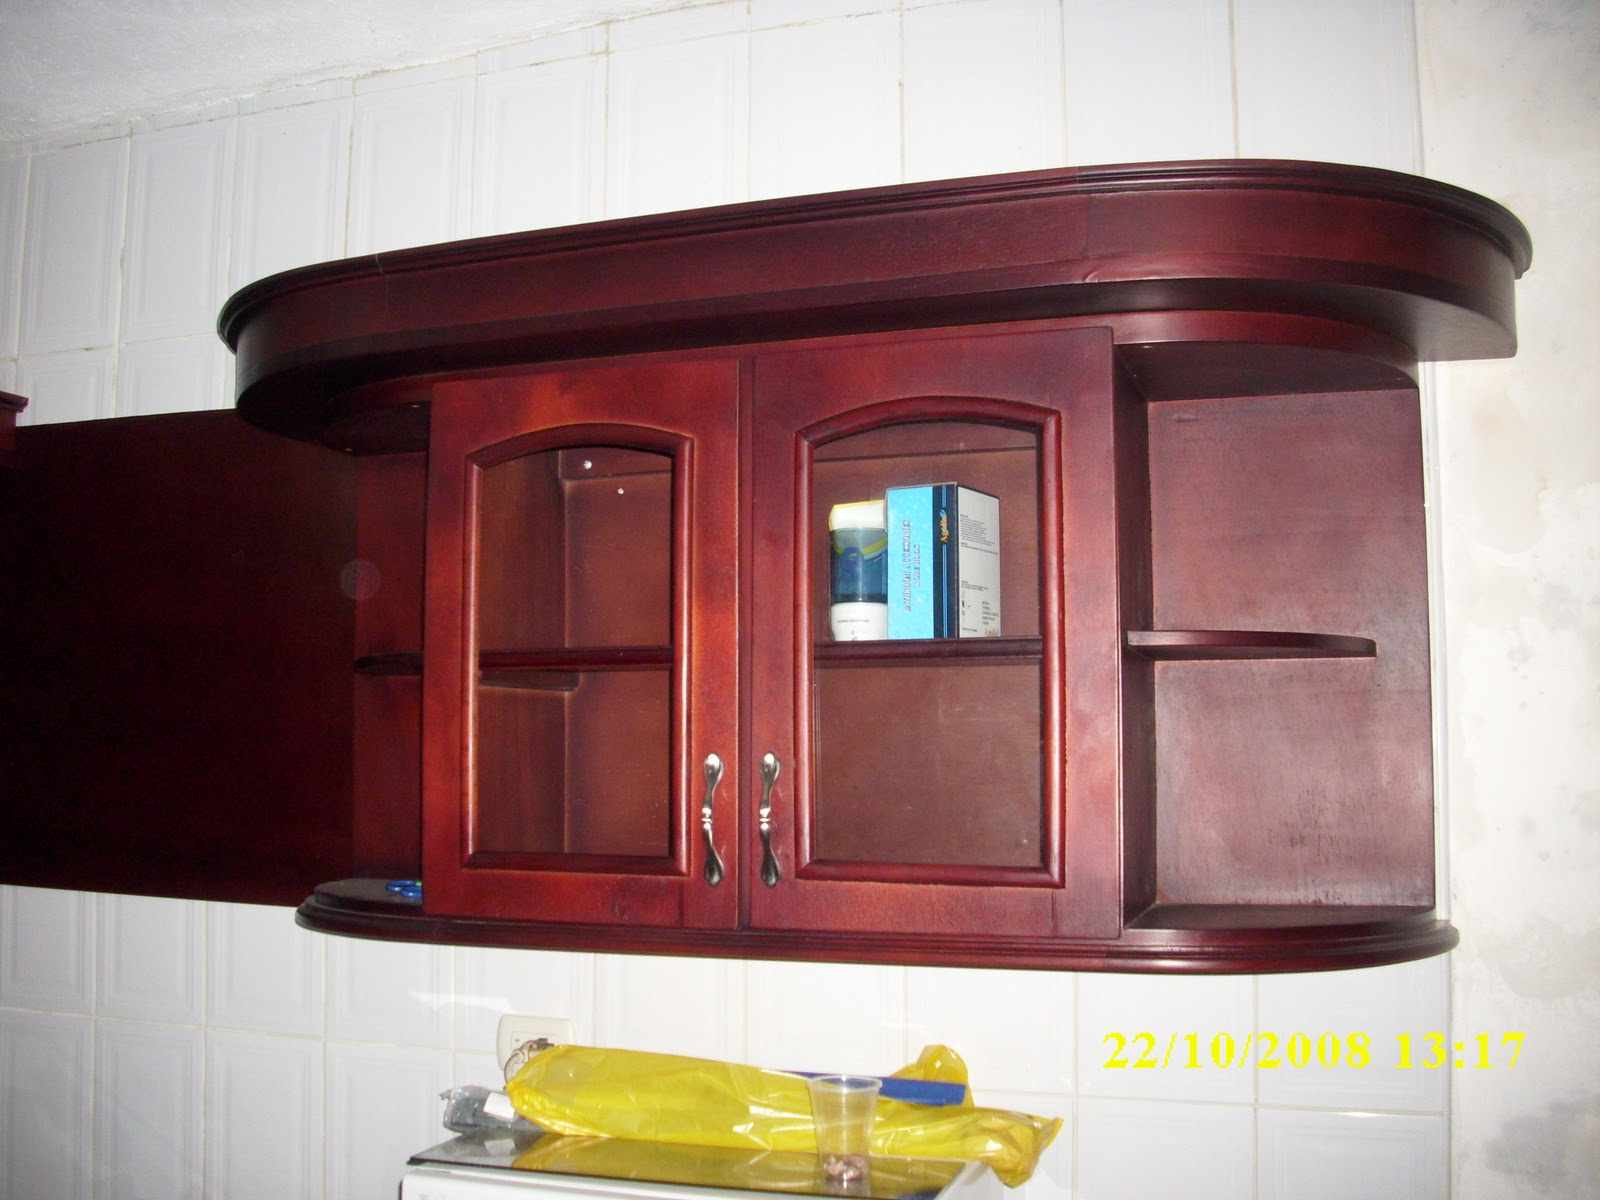 Mis trabajos en madera Cocina empotrada hecha en compuesto de 15 mm con aplicaciones y corniza para luces